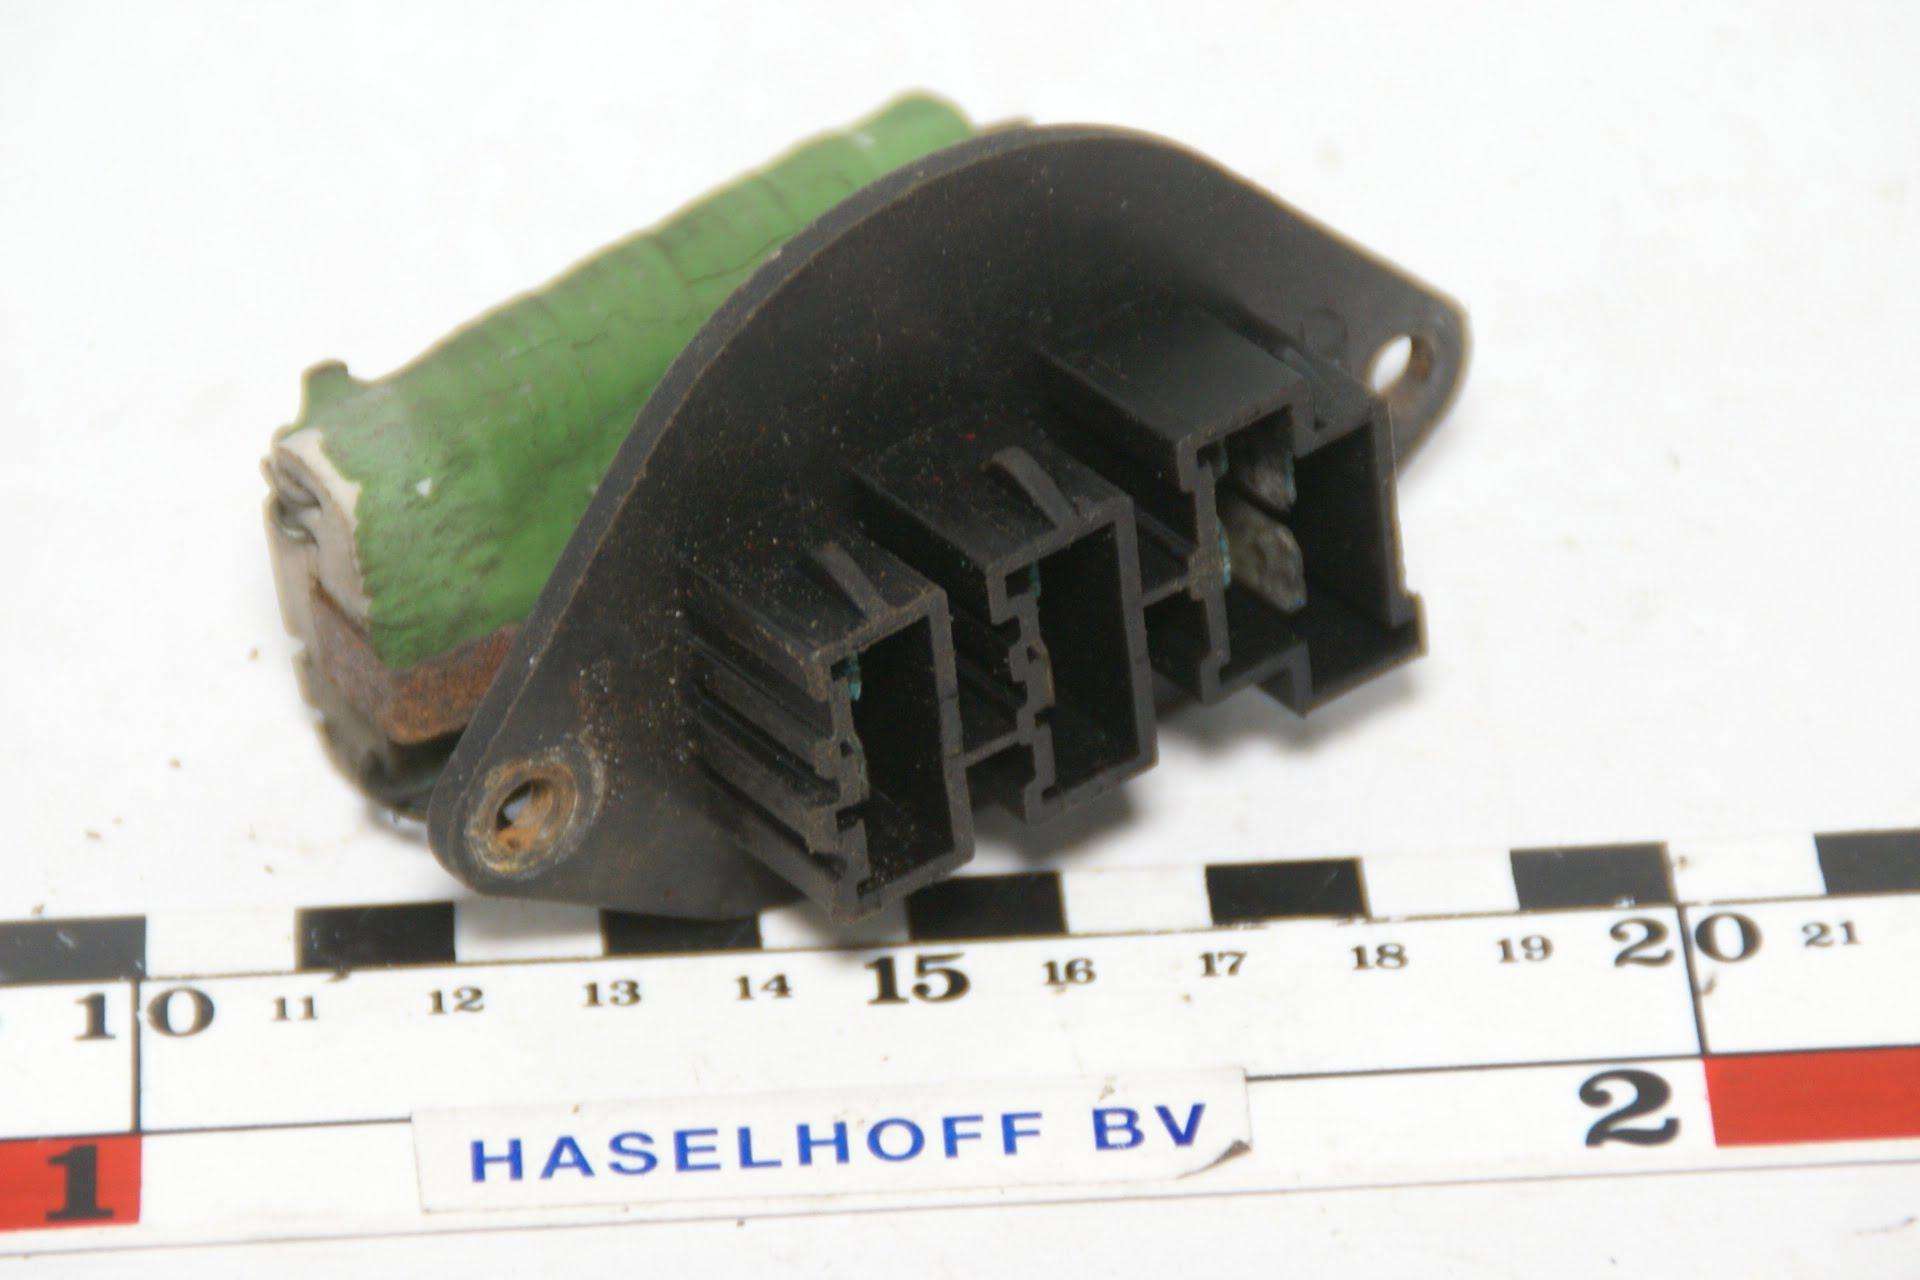 kachelmotor weerstand 160627-5661-0